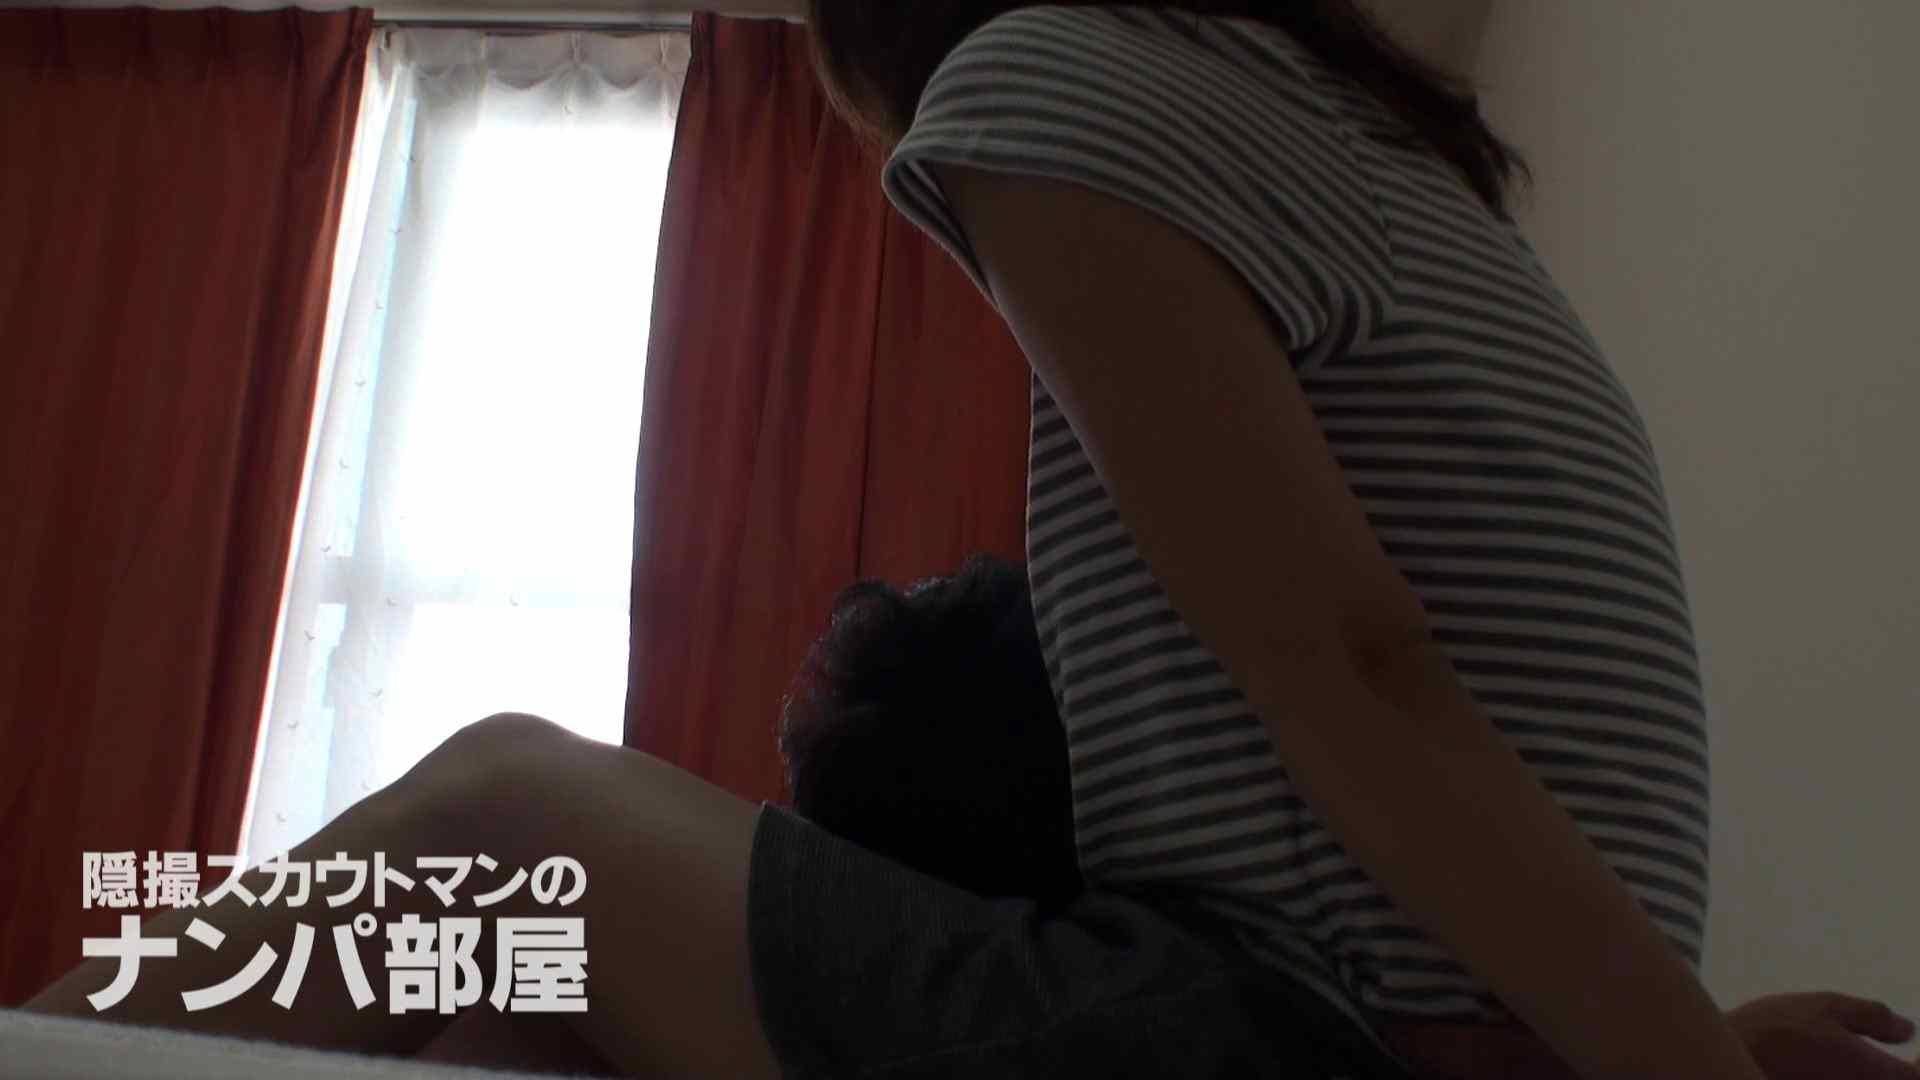 隠撮スカウトマンのナンパ部屋~風俗デビュー前のつまみ食い~ siivol.3 ナンパ | SEX  92PIX 49